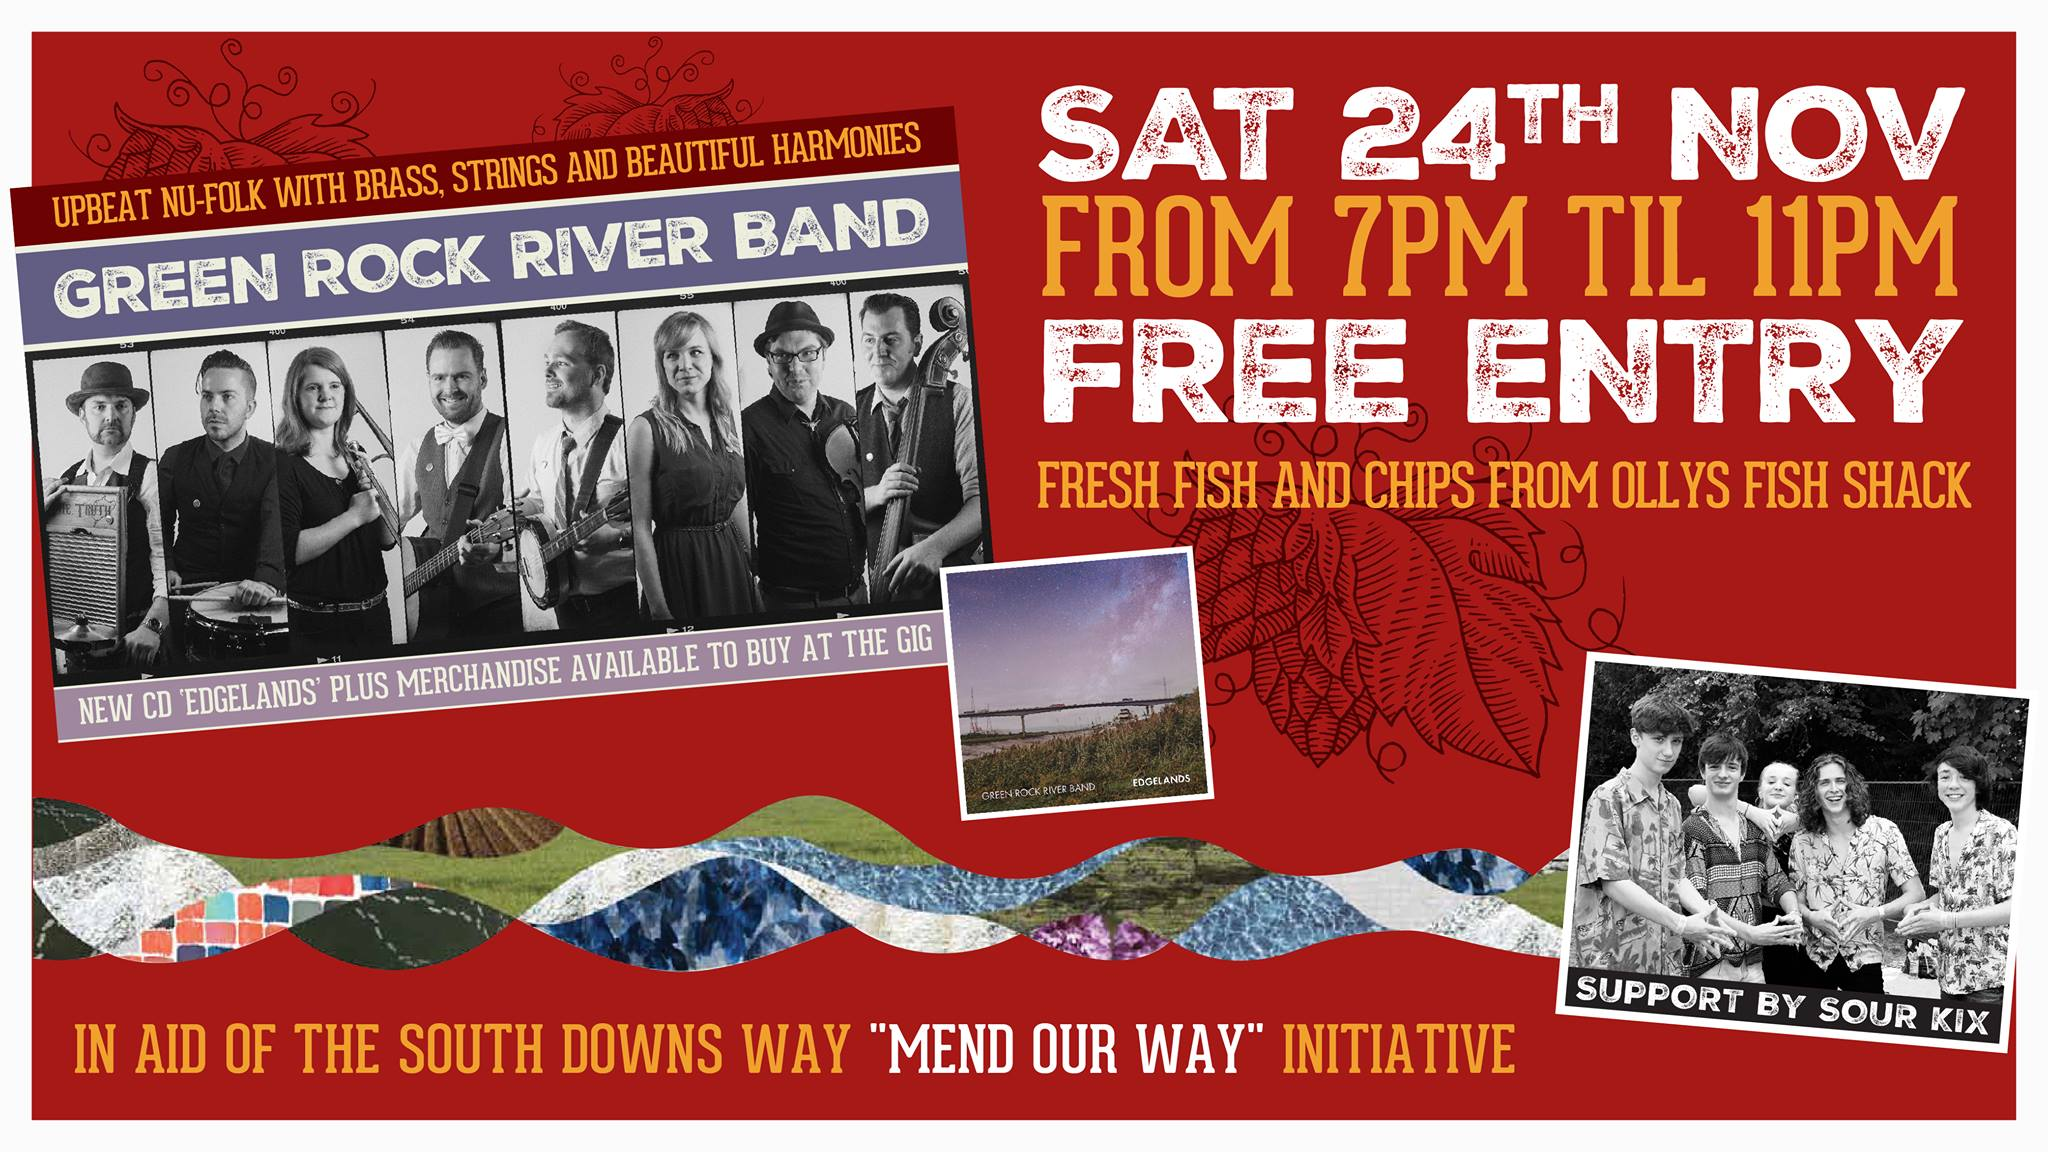 Green Rock River Band + Sour Kix